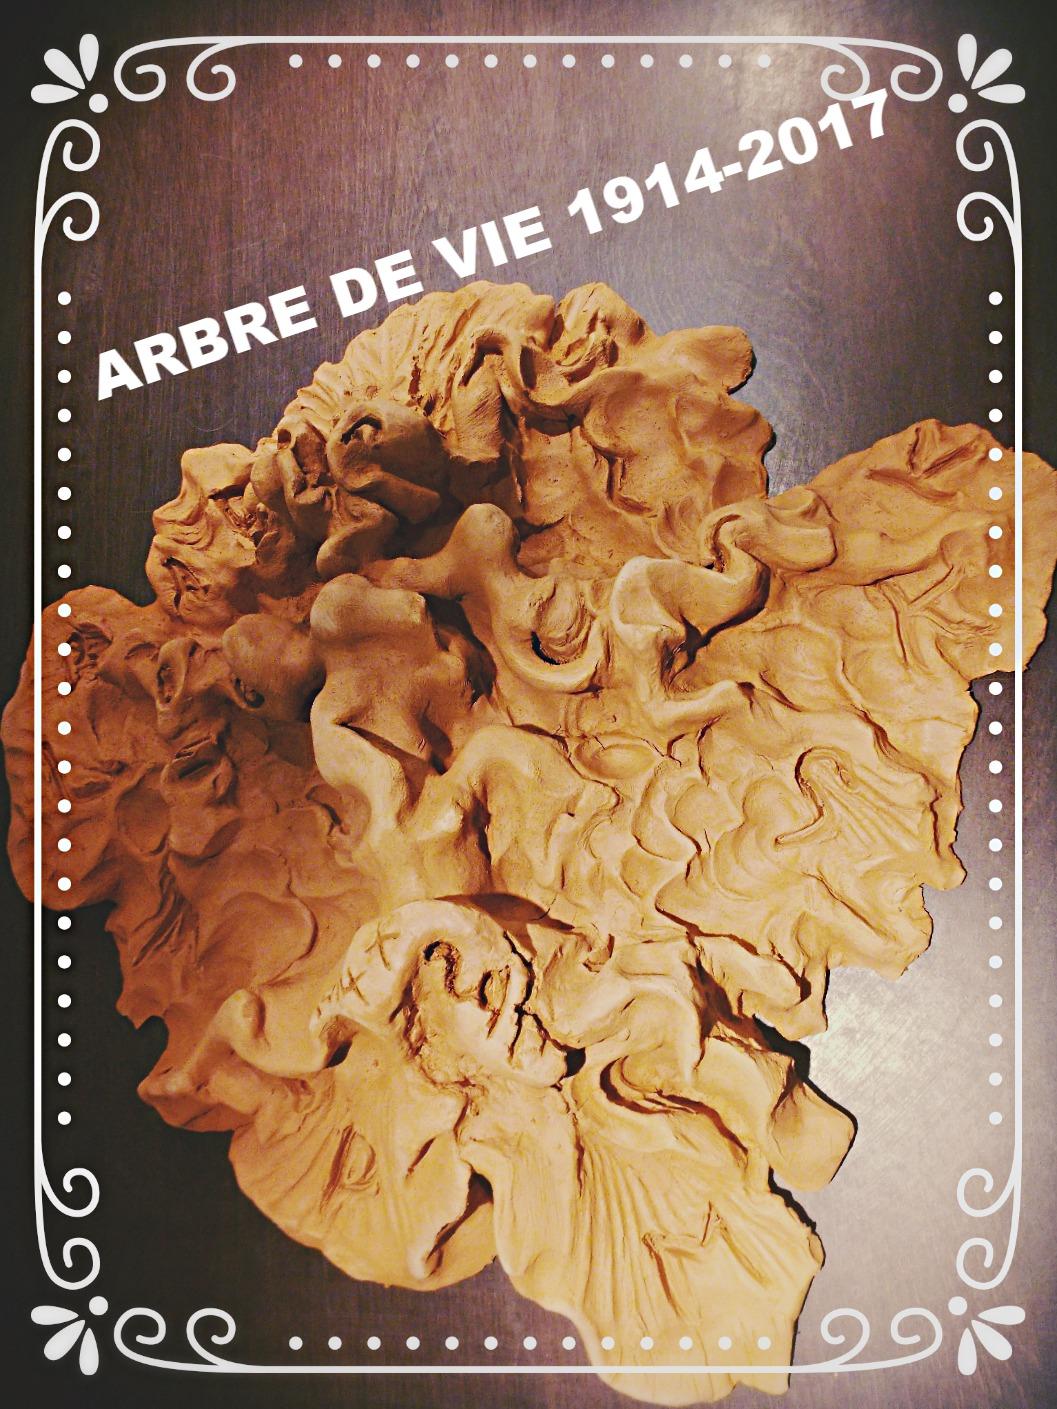 ARBRE DE VIE MAMY LUCIENNE 1914-2017